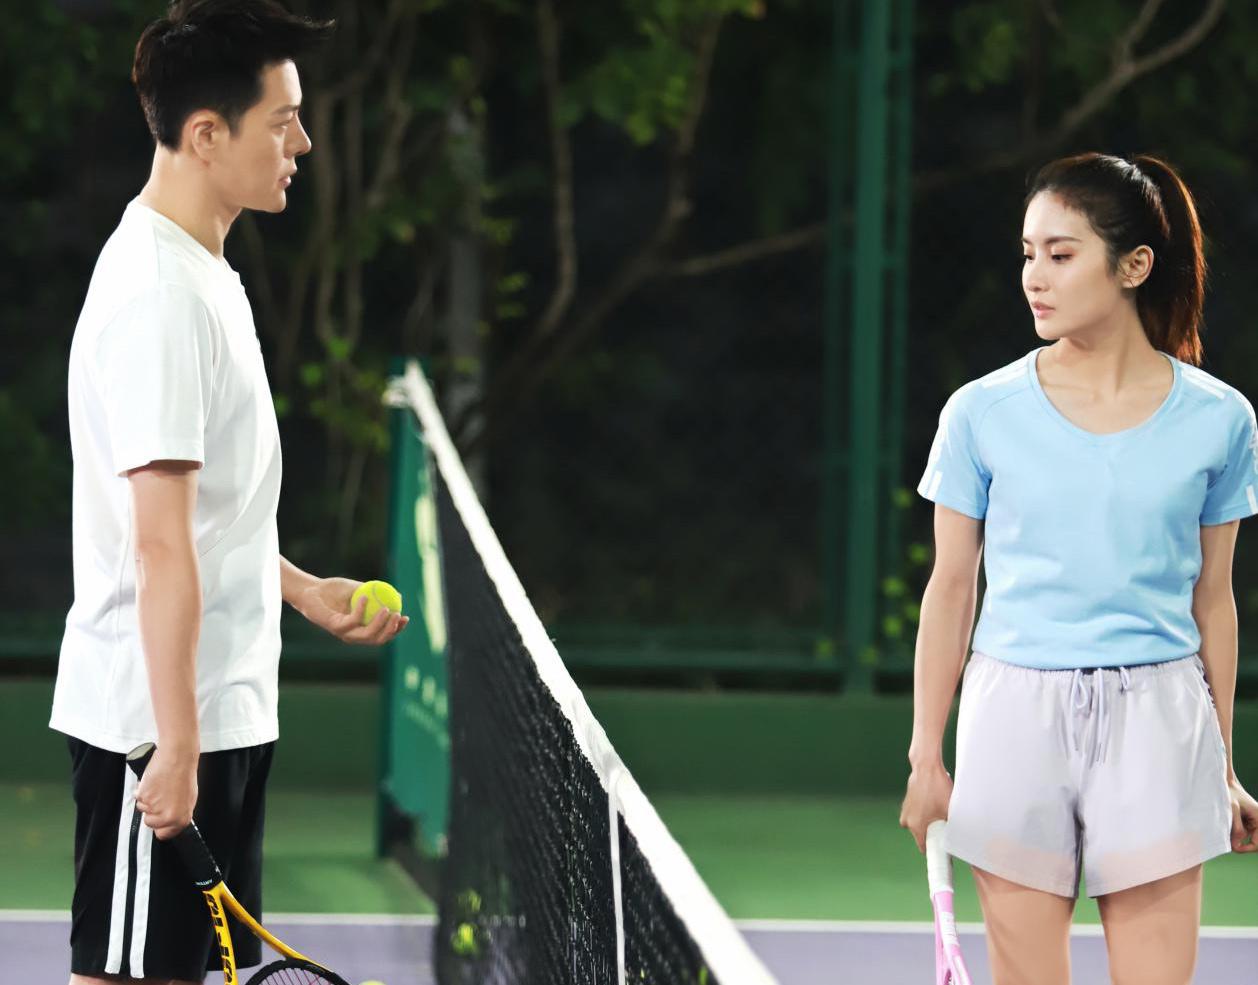 首部网球爱情电影《触网情深》徐海乔赖雨濛引期待